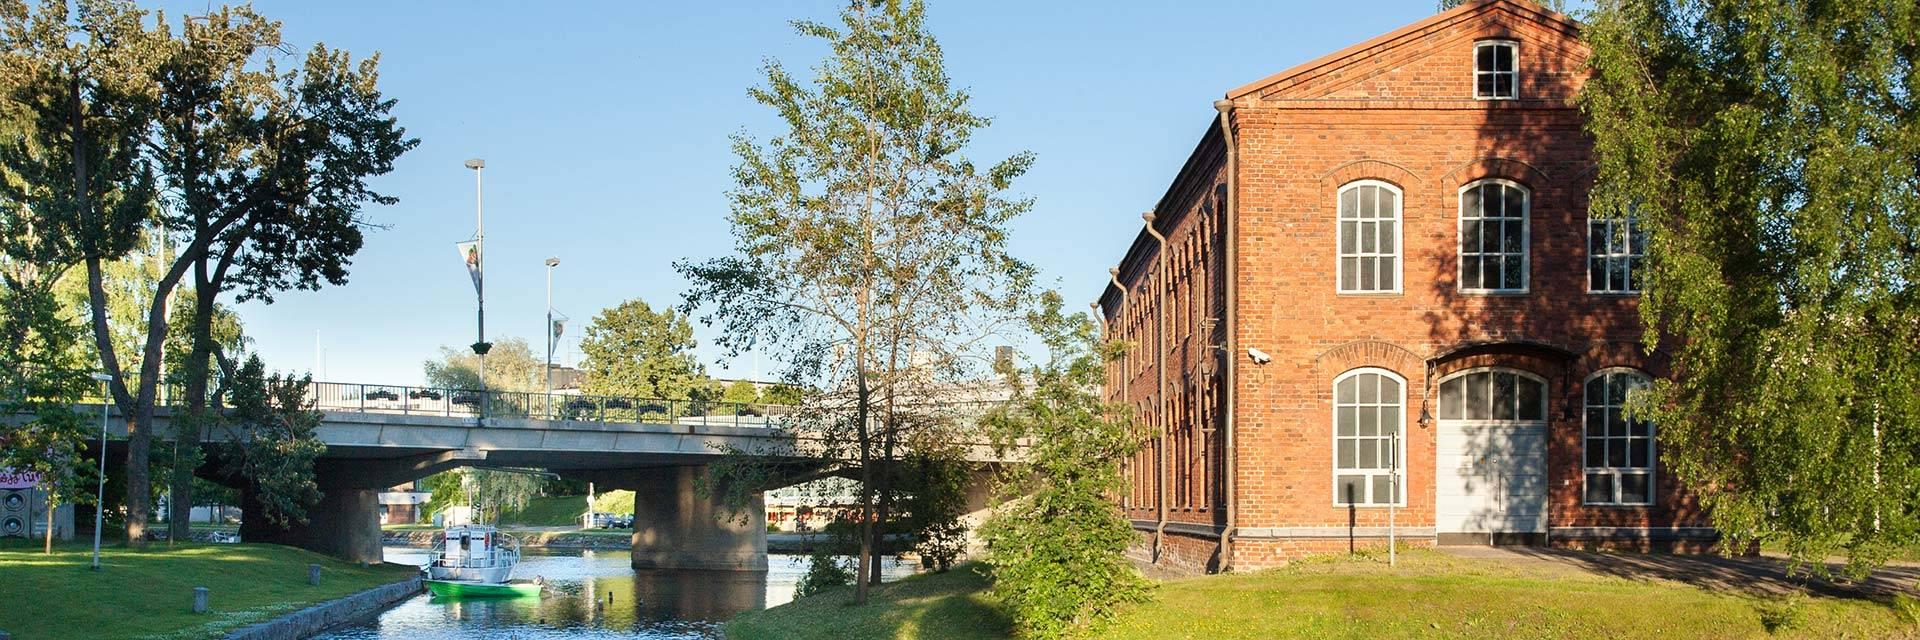 Myllysaaren museo ja kanava aurinkoisena kesäiltana